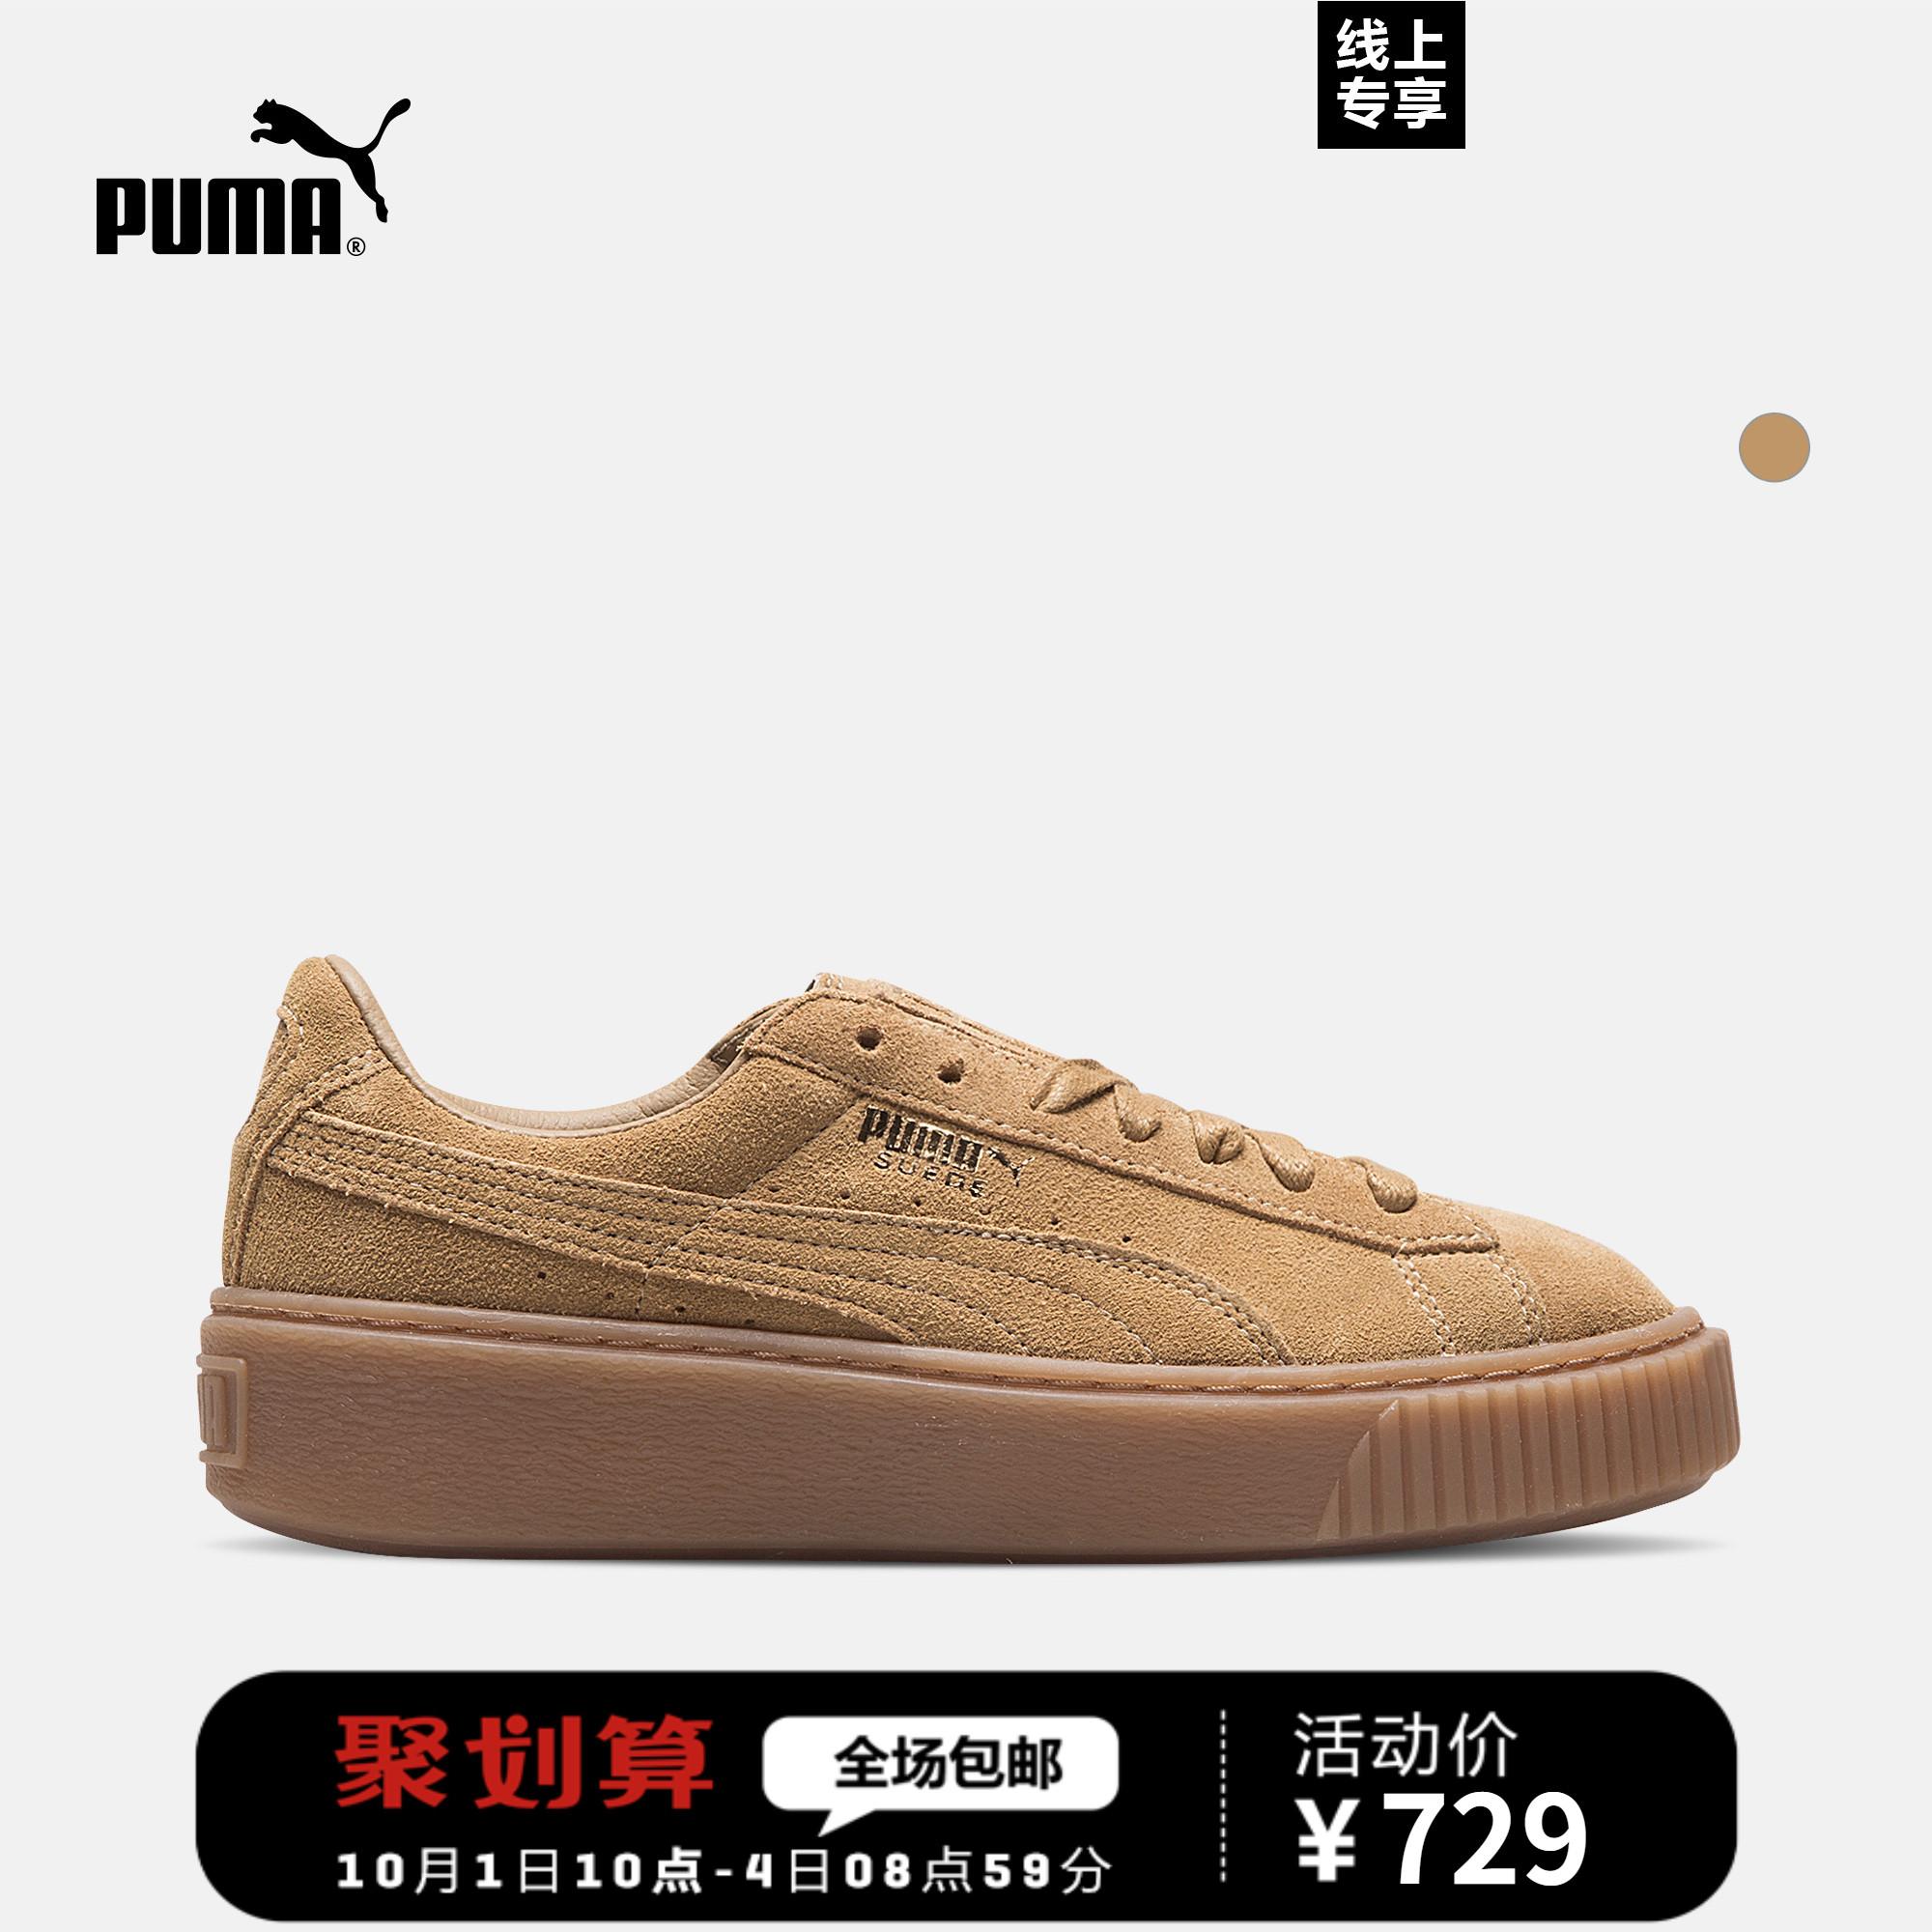 PUMA彪马官方 刘雯同款 女子休闲鞋 SUEDE Platform 364718